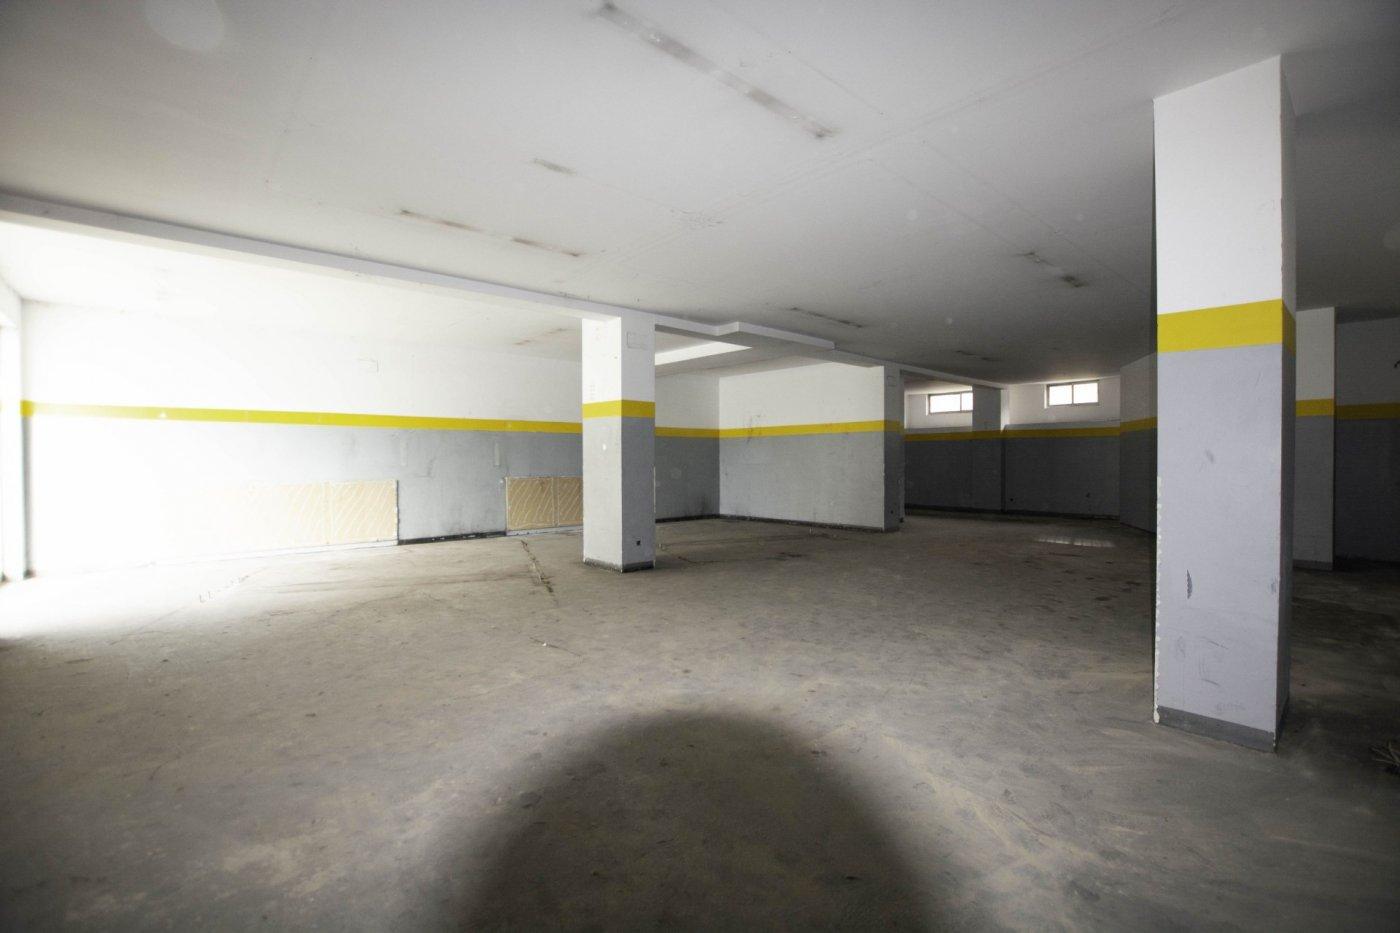 Centro comercial los prados - imagenInmueble8